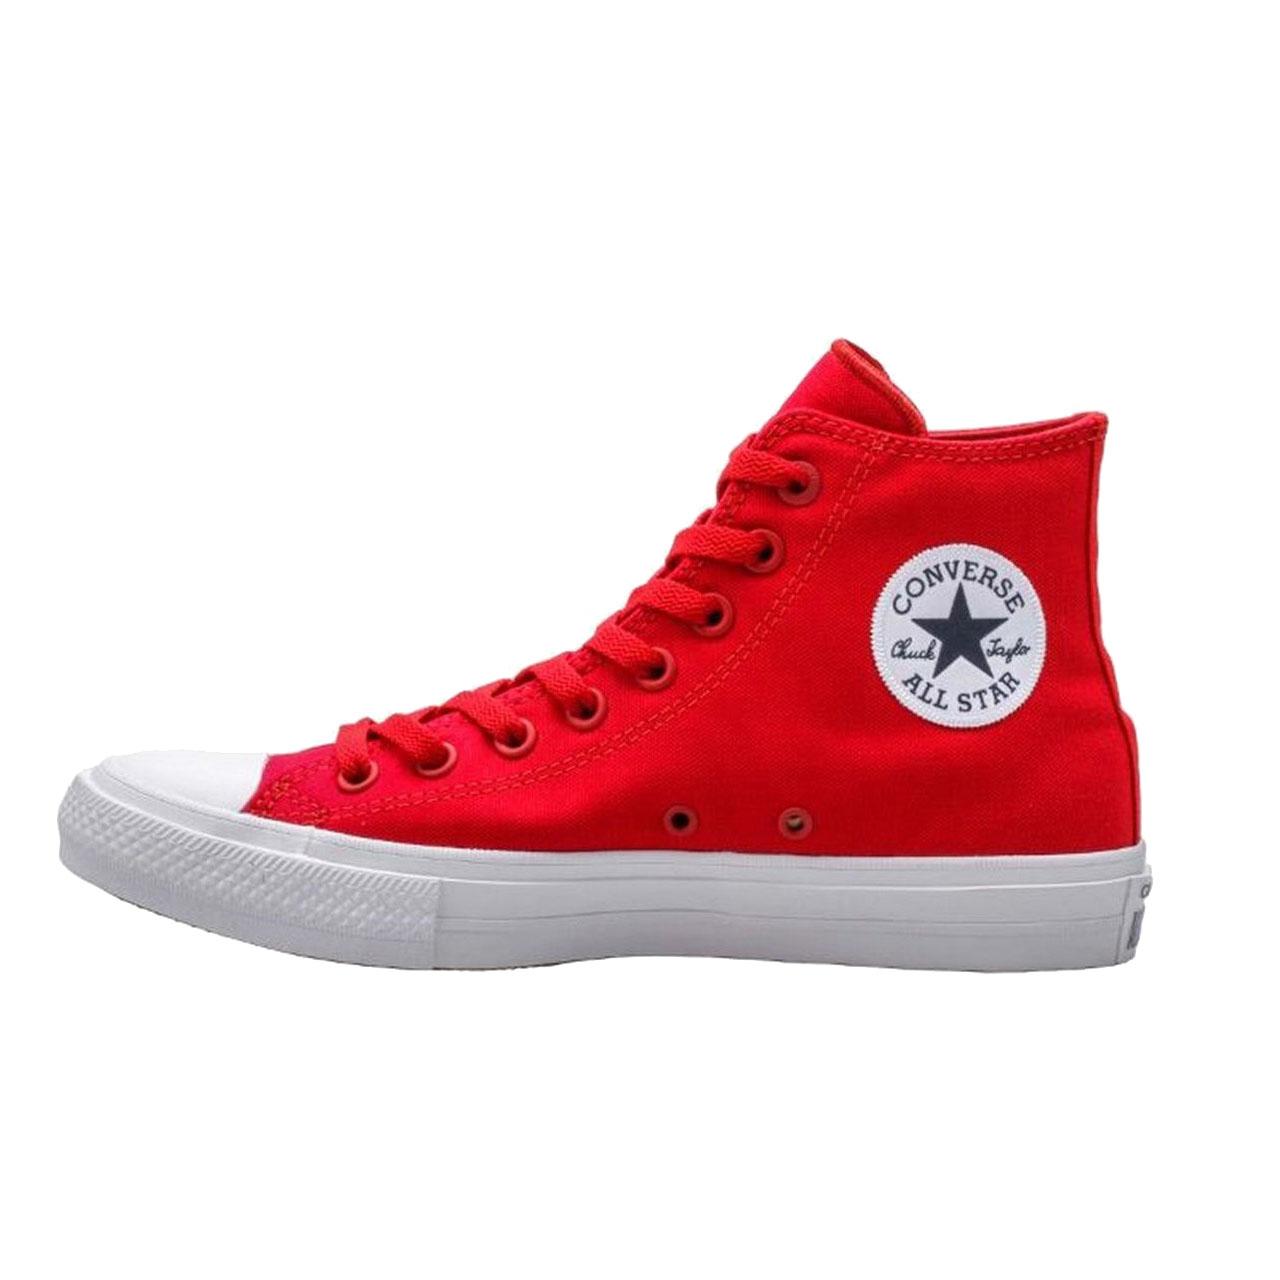 قیمت کفش مخصوص پیاده روی مردانه کانورس مدل 150145c-999